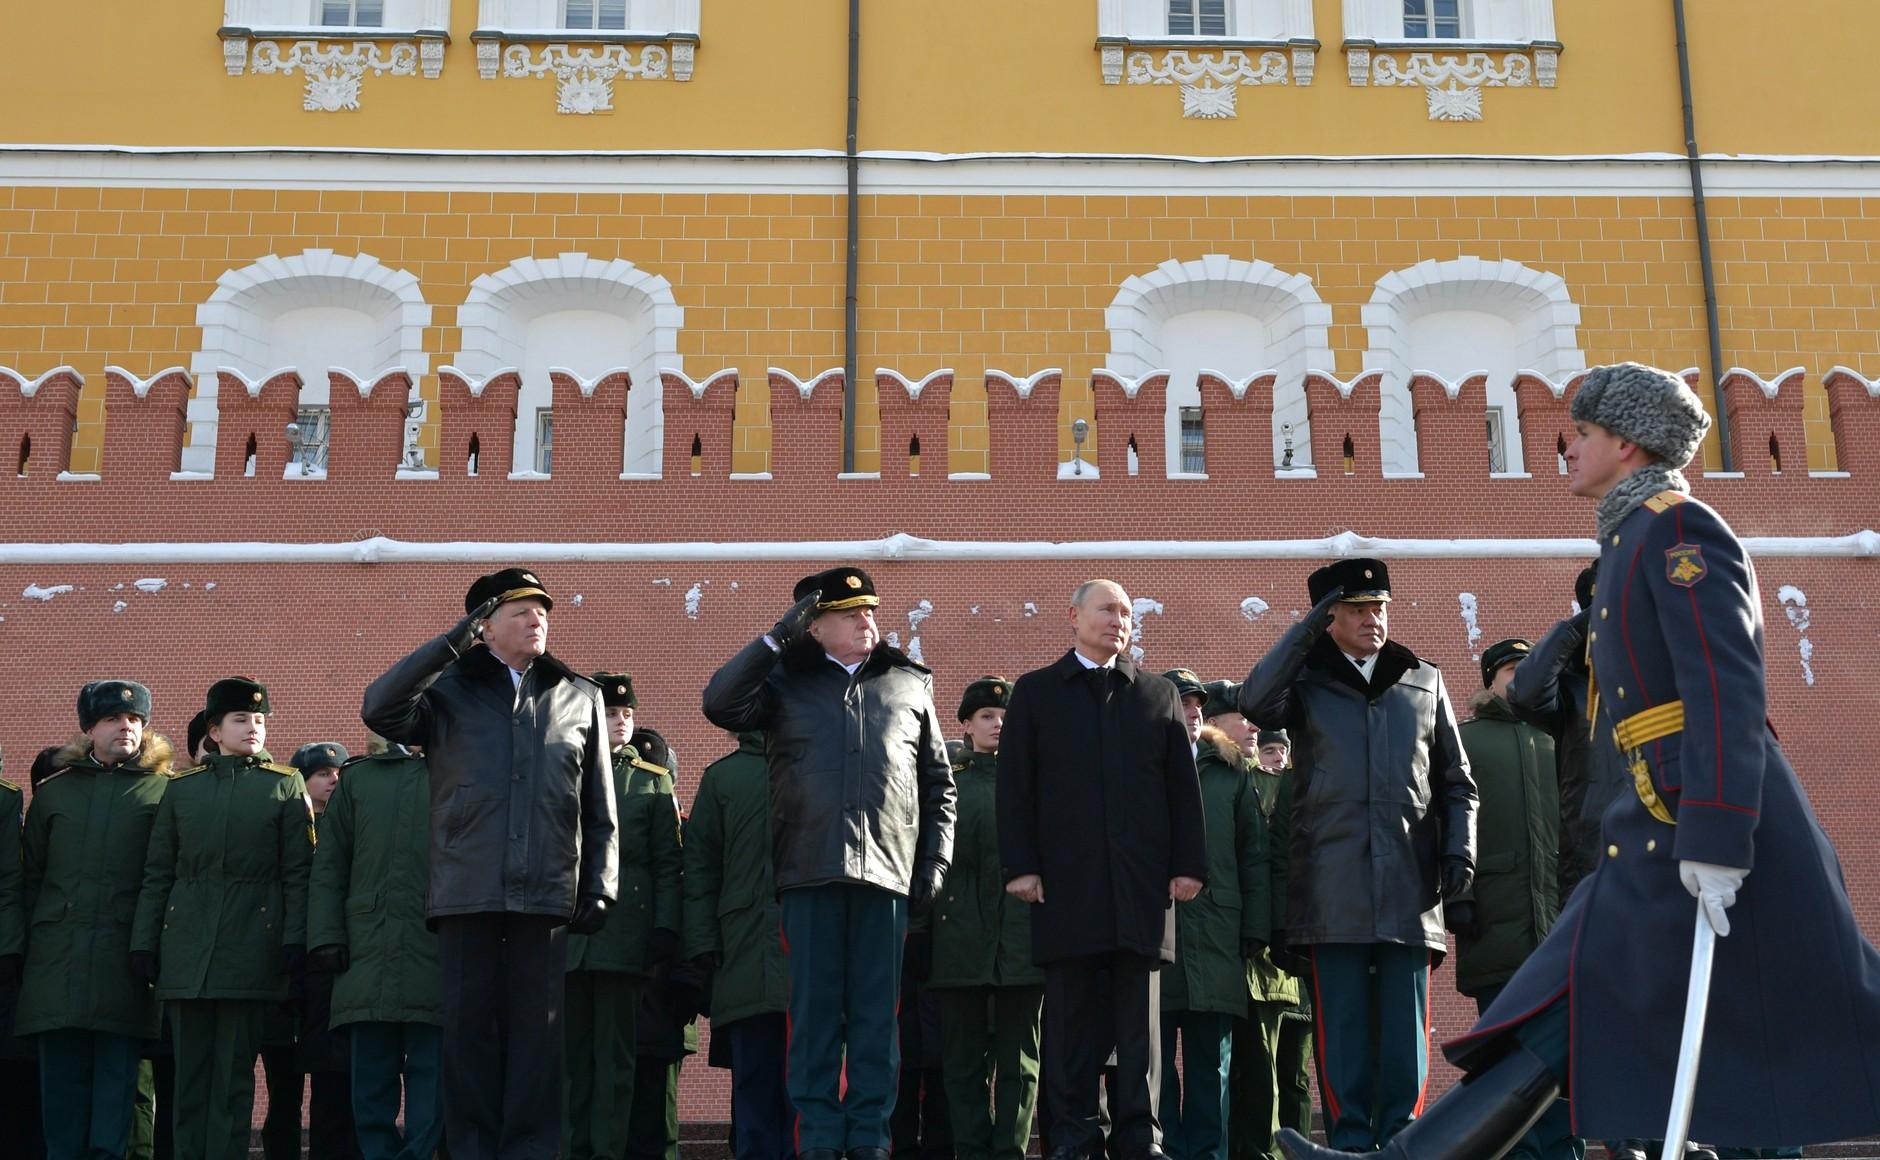 KREMLIN 5 WW 7 Le président a déposé une couronne sur la tombe du soldat inconnu à l'occasion de la Journée du défenseur de la patrie 23.02.2021